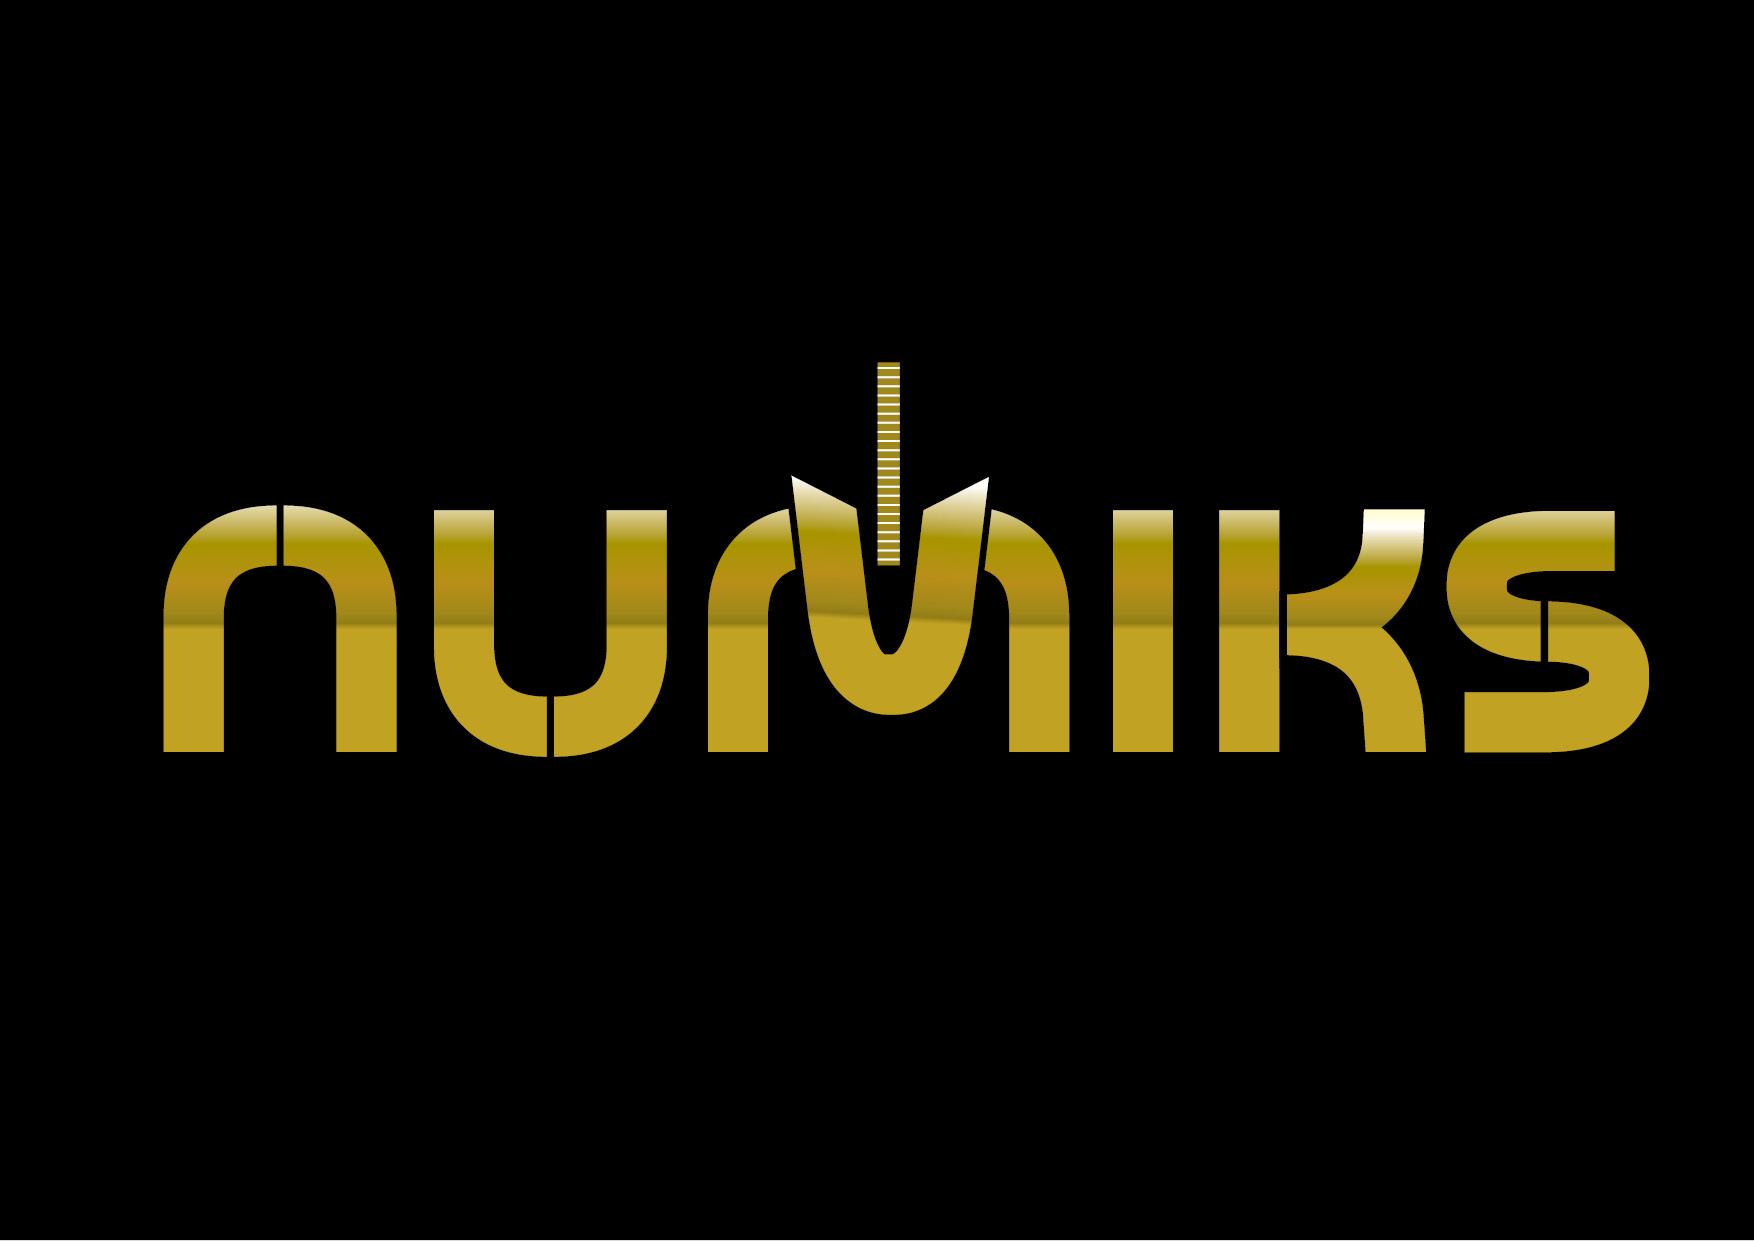 Логотип для интернет-магазина фото f_4345ec6445fe30a8.jpg